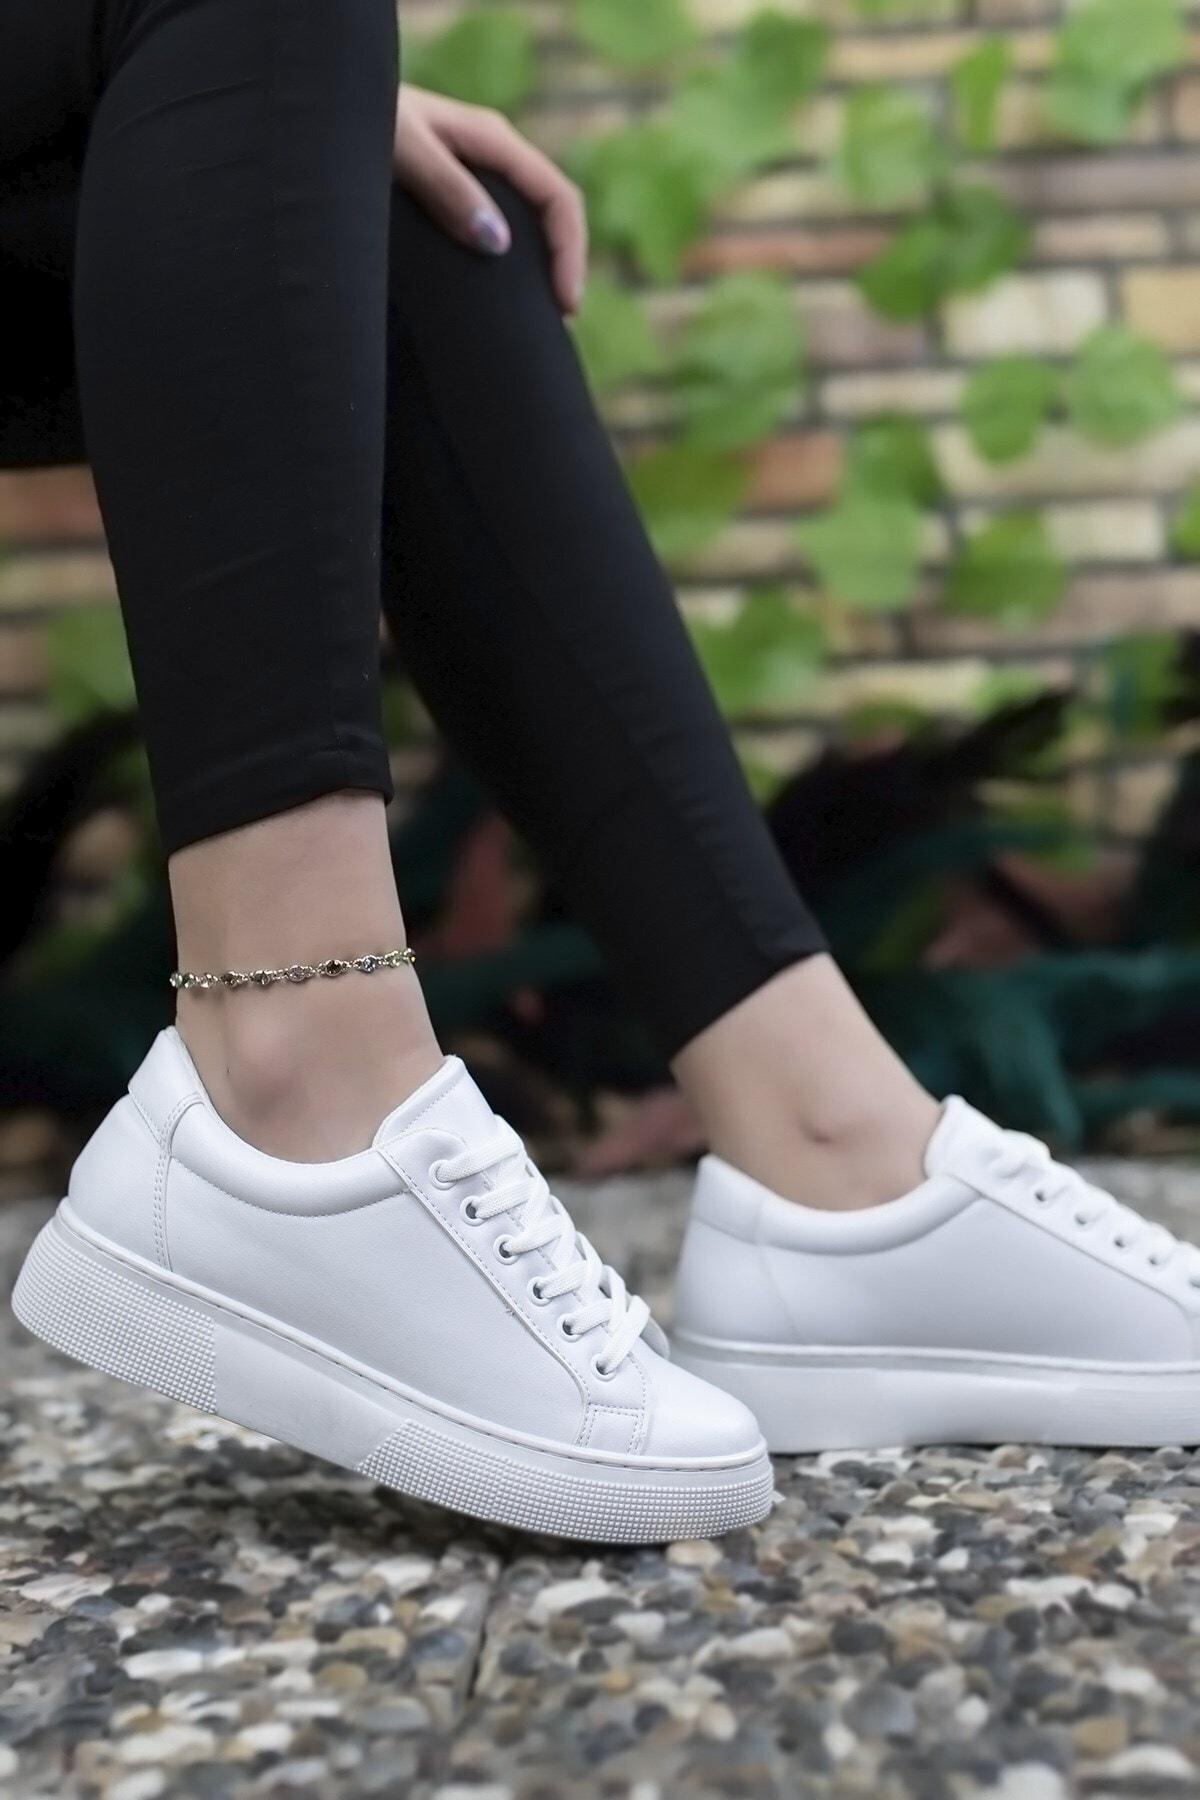 Riccon женские белые складчатые лакированные кожаные стеганые кроссовки|Обувь для ходьбы| | АлиЭкспресс